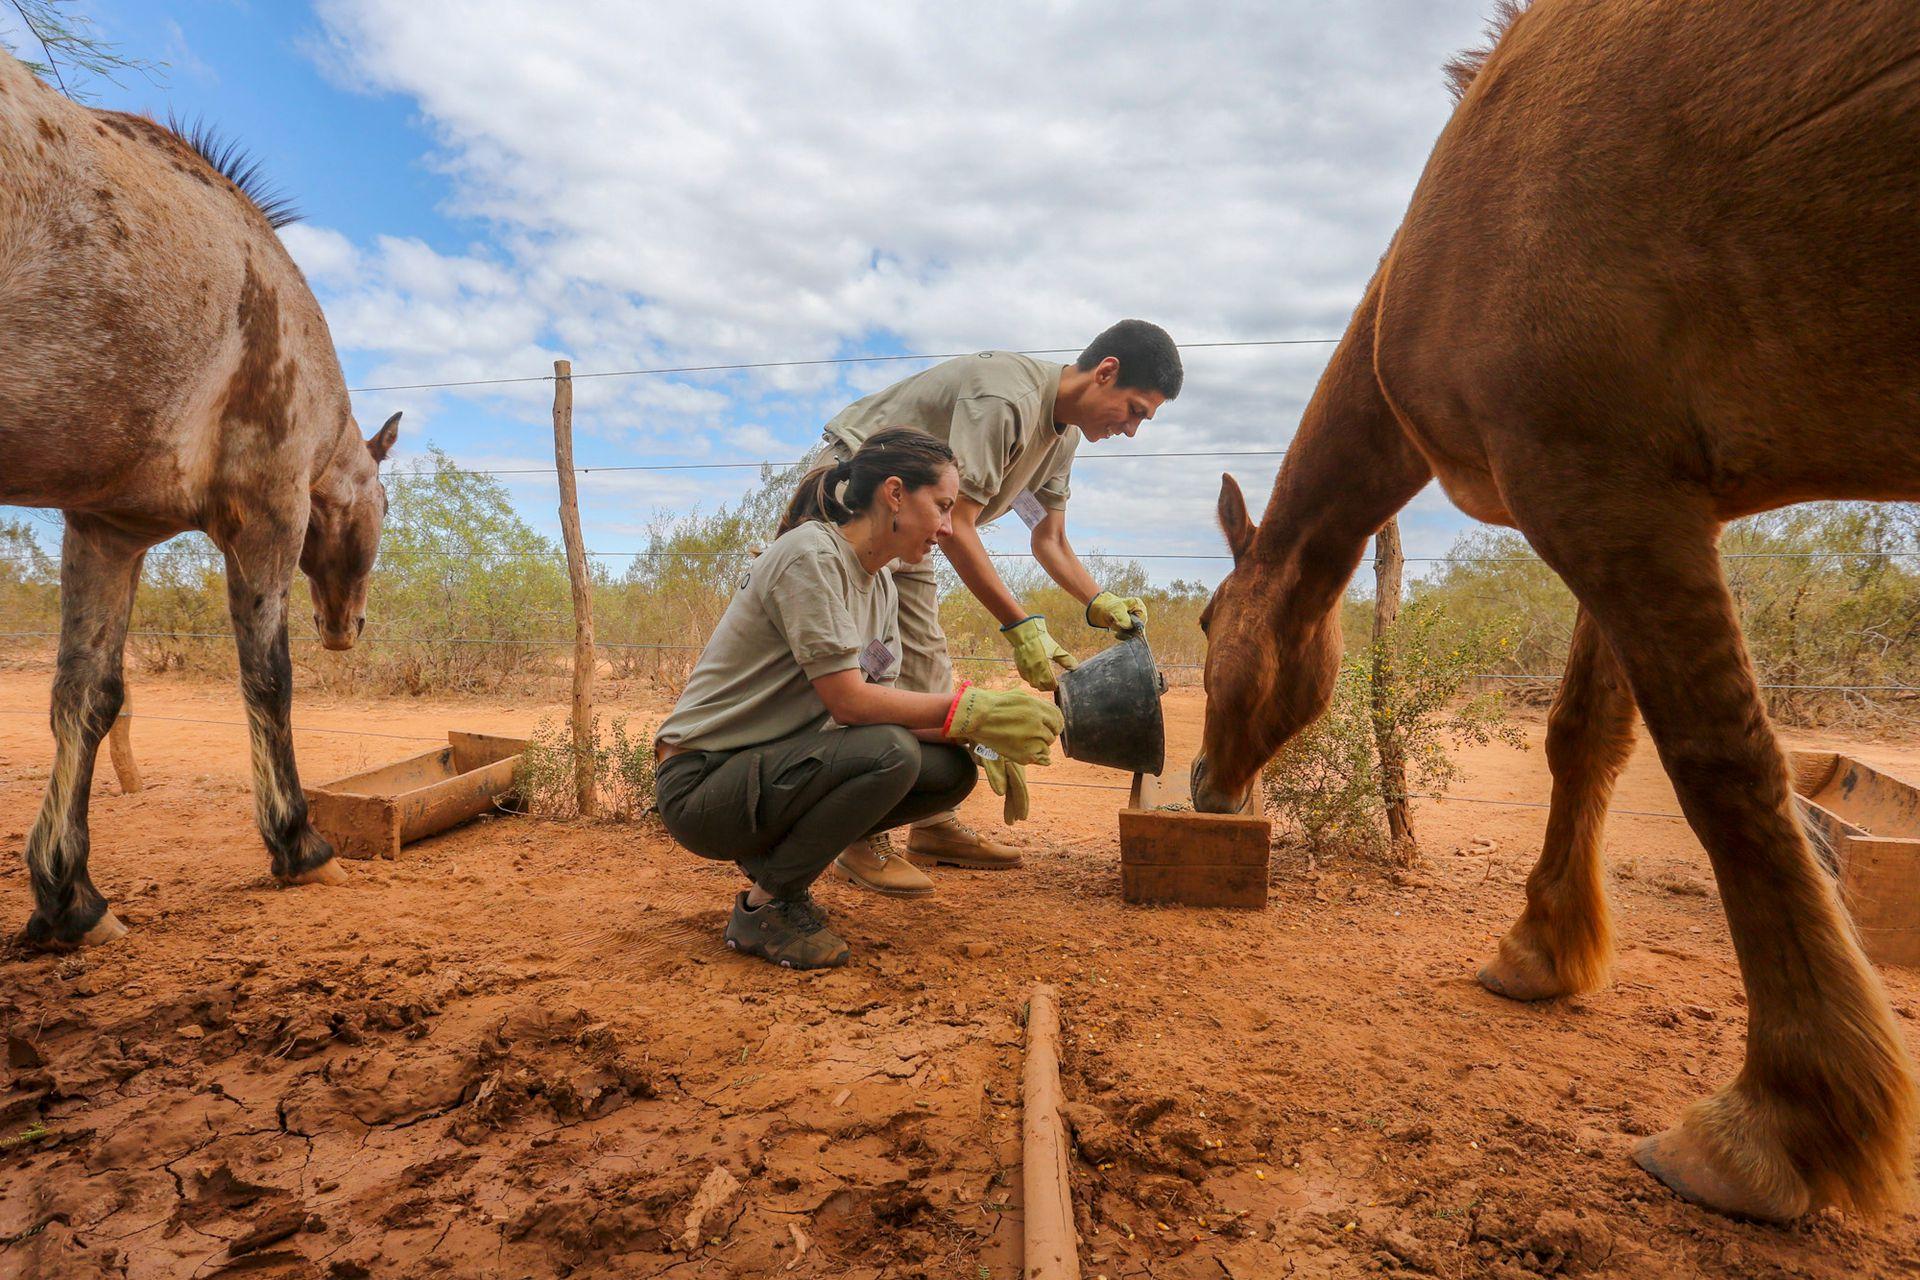 Una de las tareas de María Luz y Maximiliano es el cuidado de los equinos que usan los guardaparques para el relevamiento de diversas áreas dentro del Parque